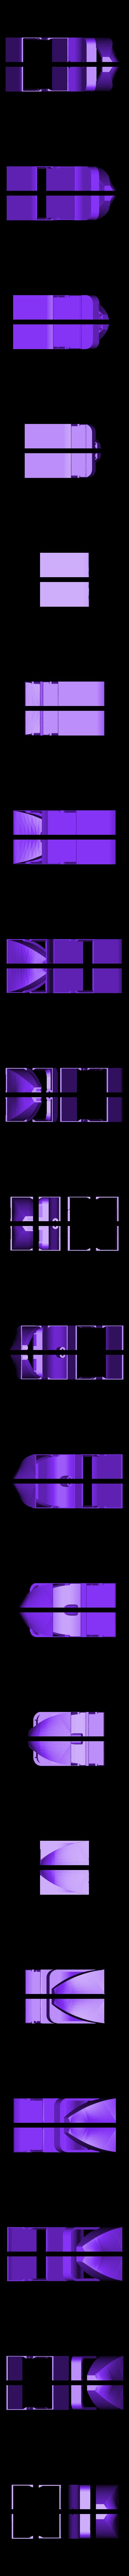 TRUPsoftLvetsi dira pro hridel 8dilu.stl Download STL file MONAKO RC MODEL BOAT TUG • 3D printable template, maca-artwork